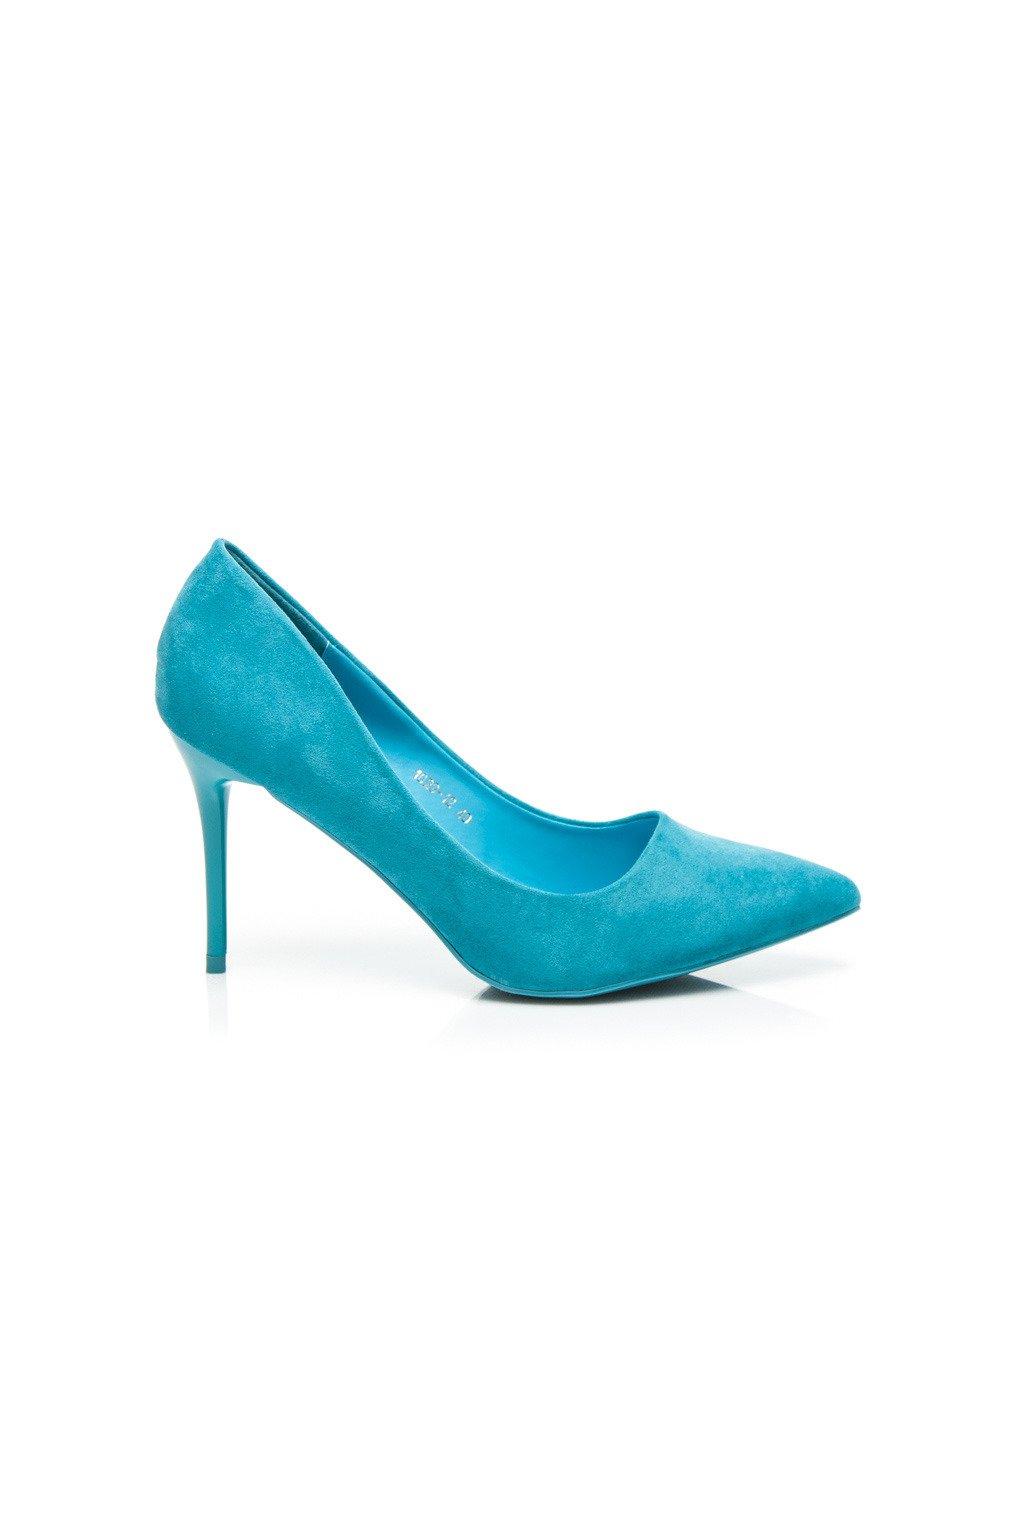 Semišové lodičky modré Vices 1029-12L.BL  88c8613c578